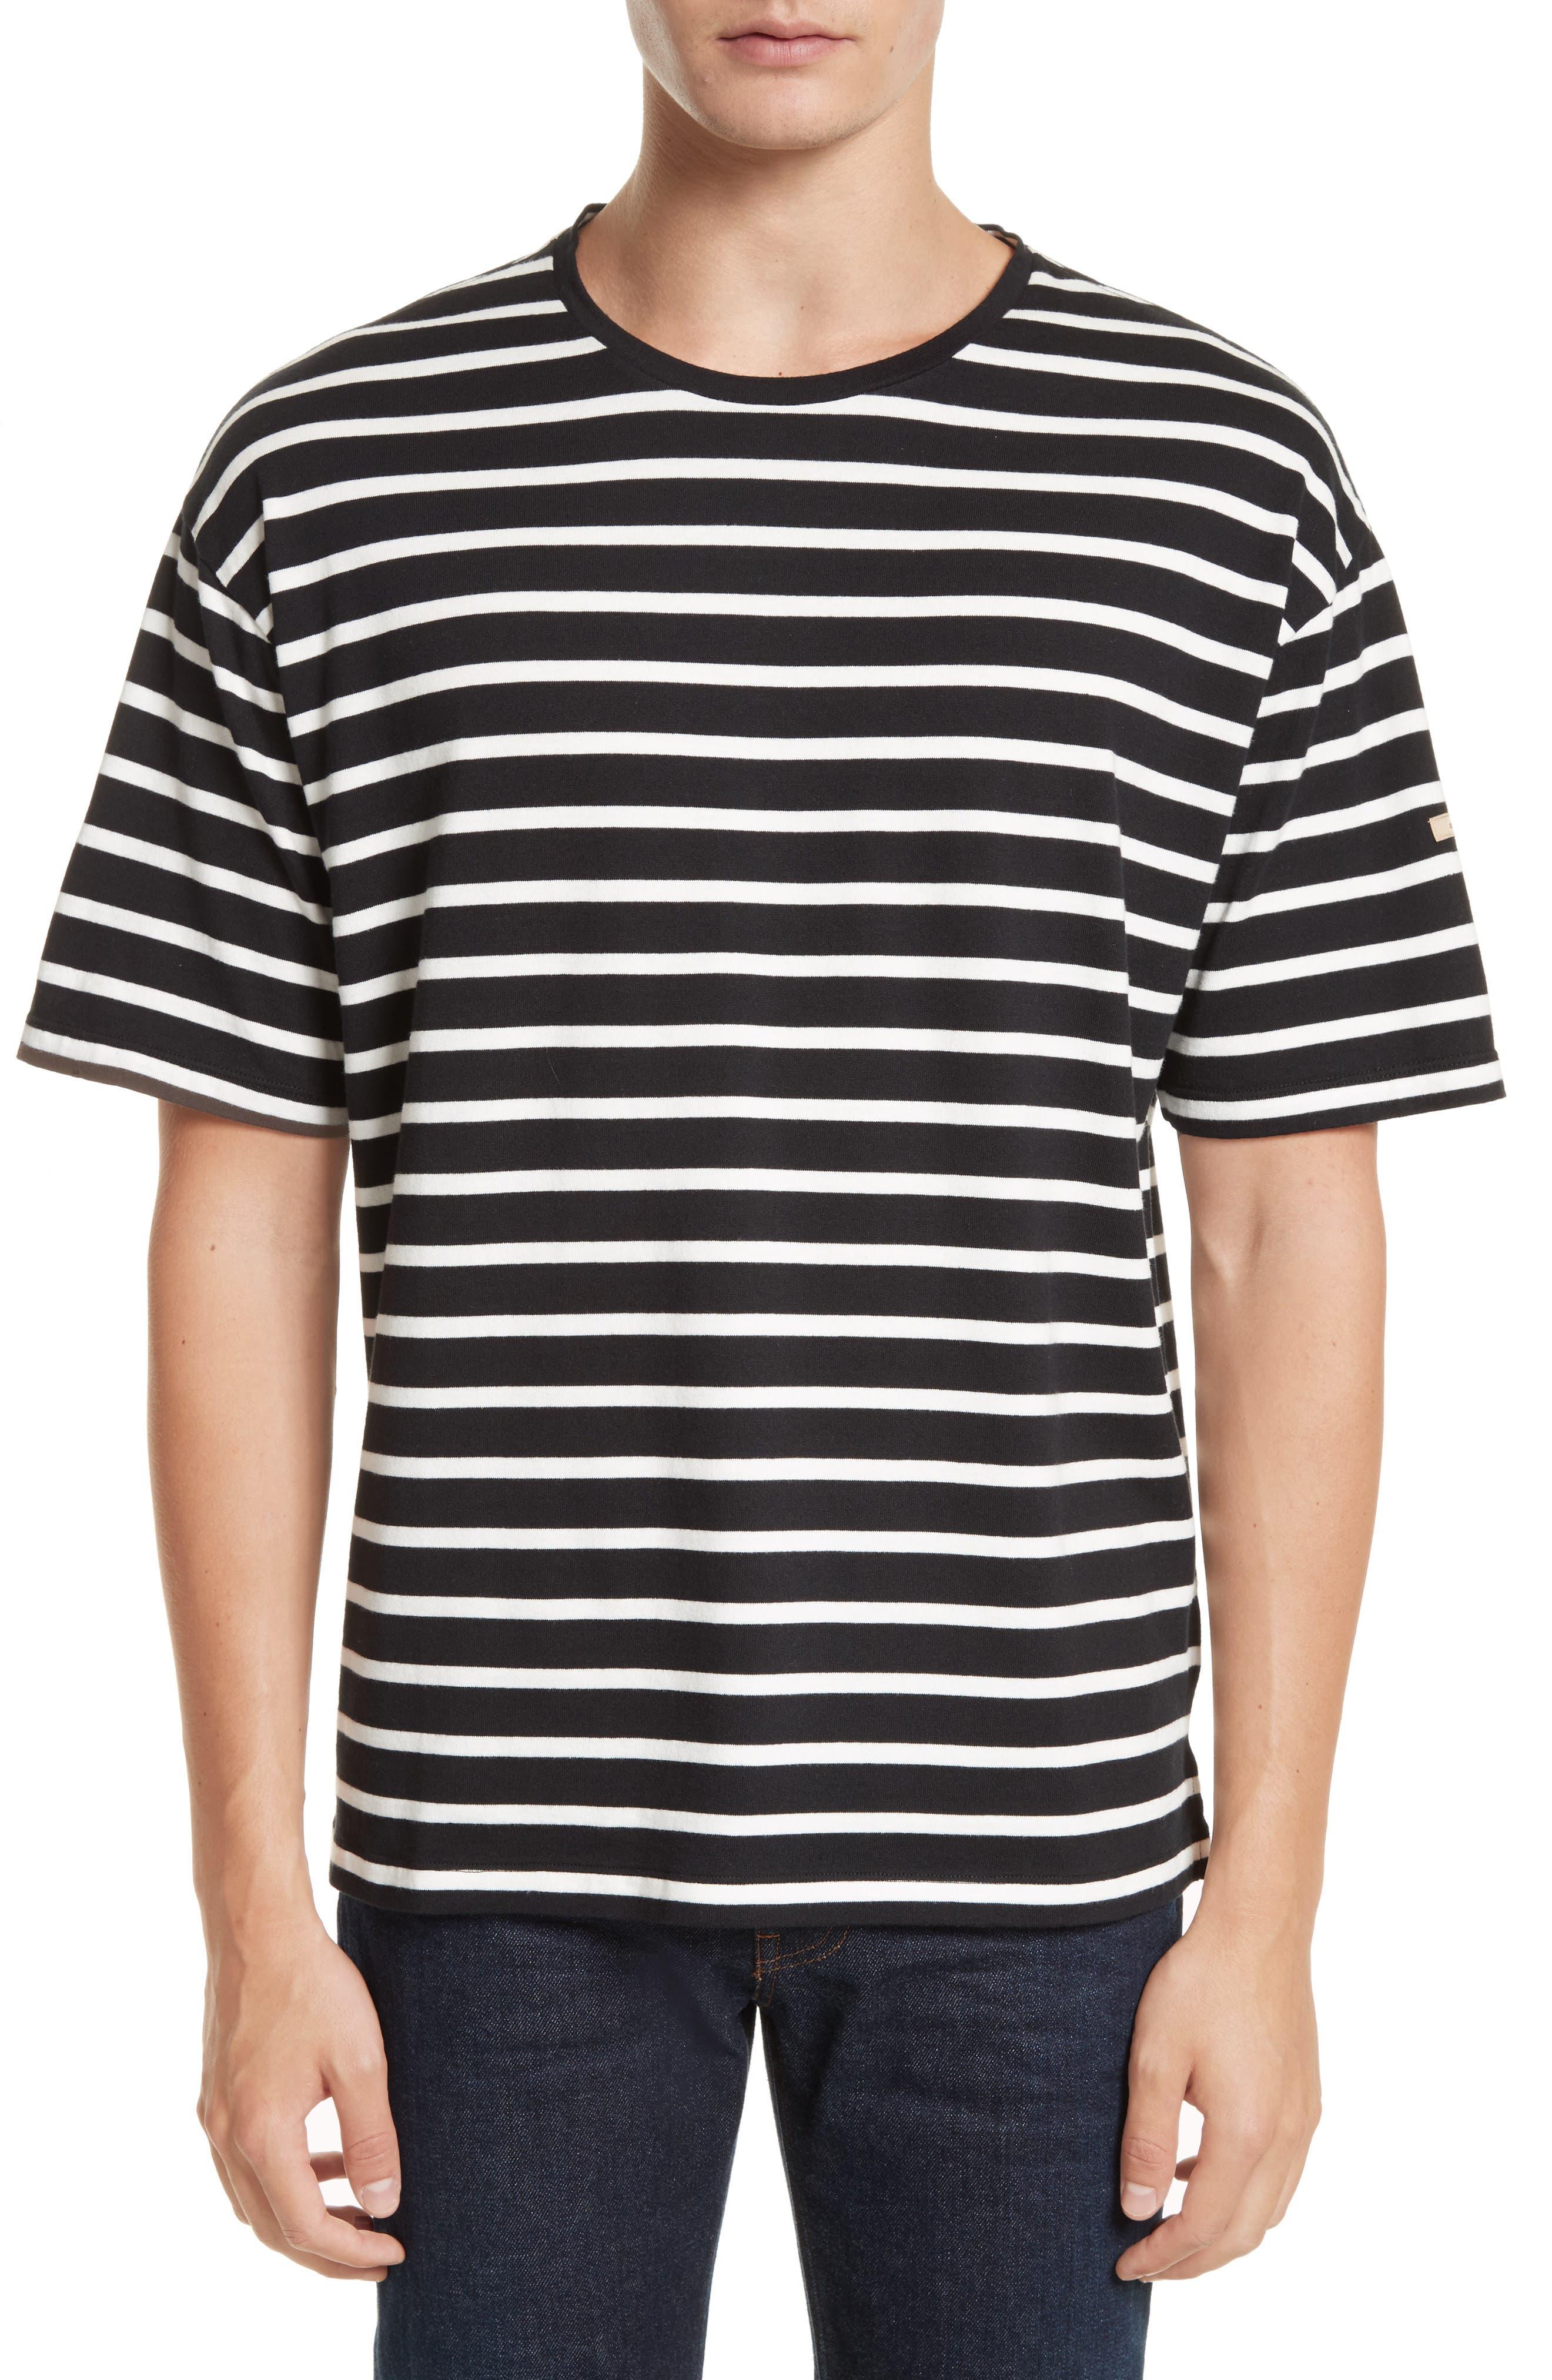 Burberry Totfoard Stripe Oversize T-Shirt